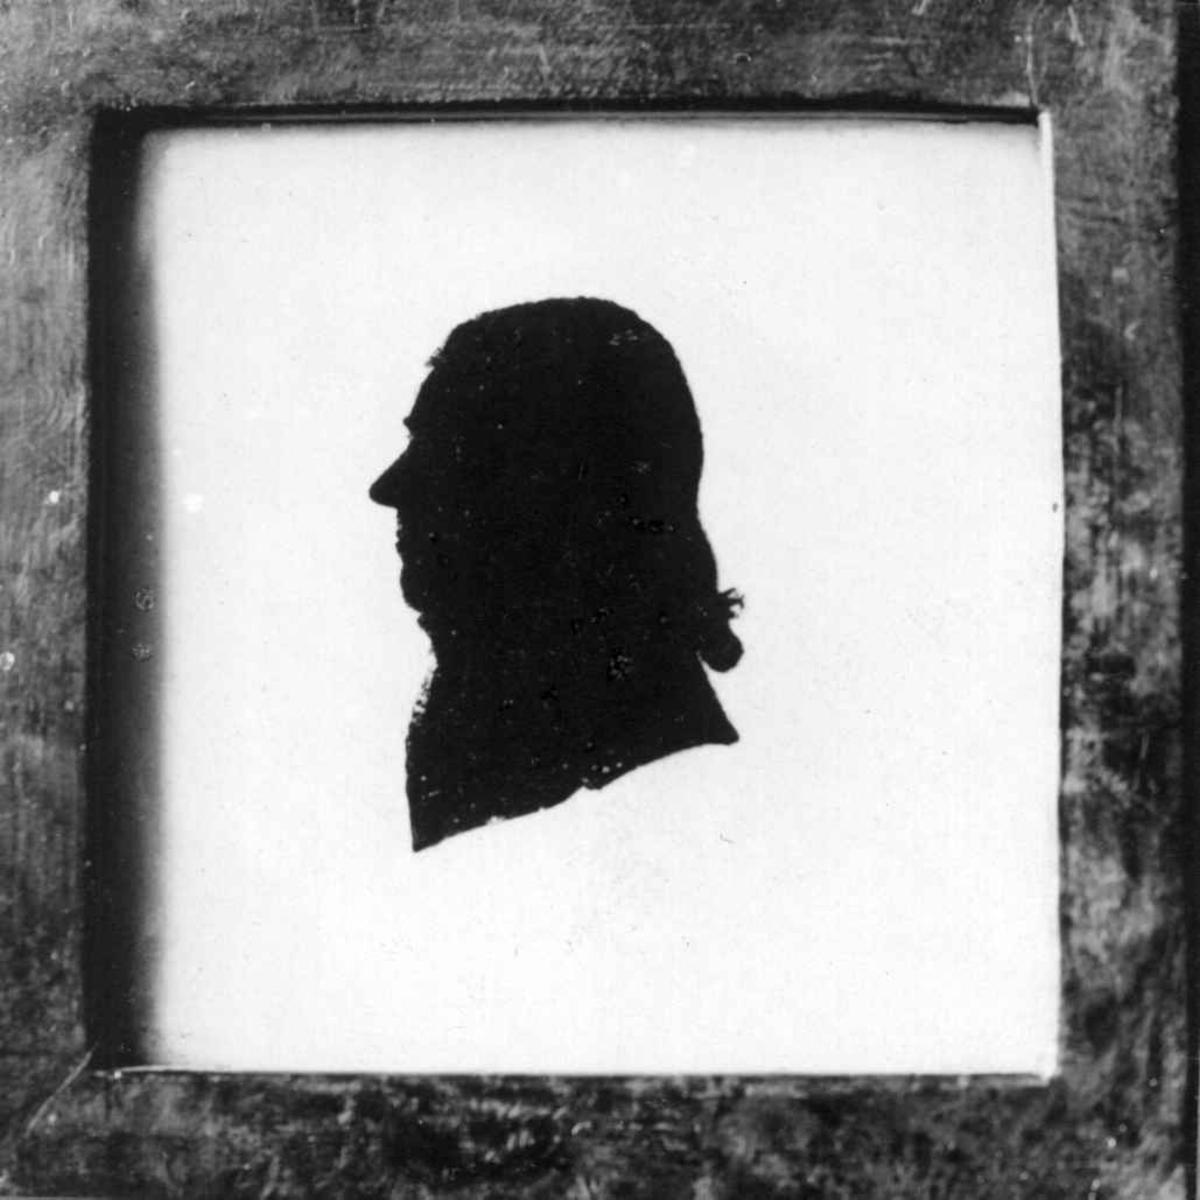 Portrett av Johan Lorentz Spørck. Antakelig slottsforvalter på Frederiksborg Slott. Avfotografert sihuettklipp.